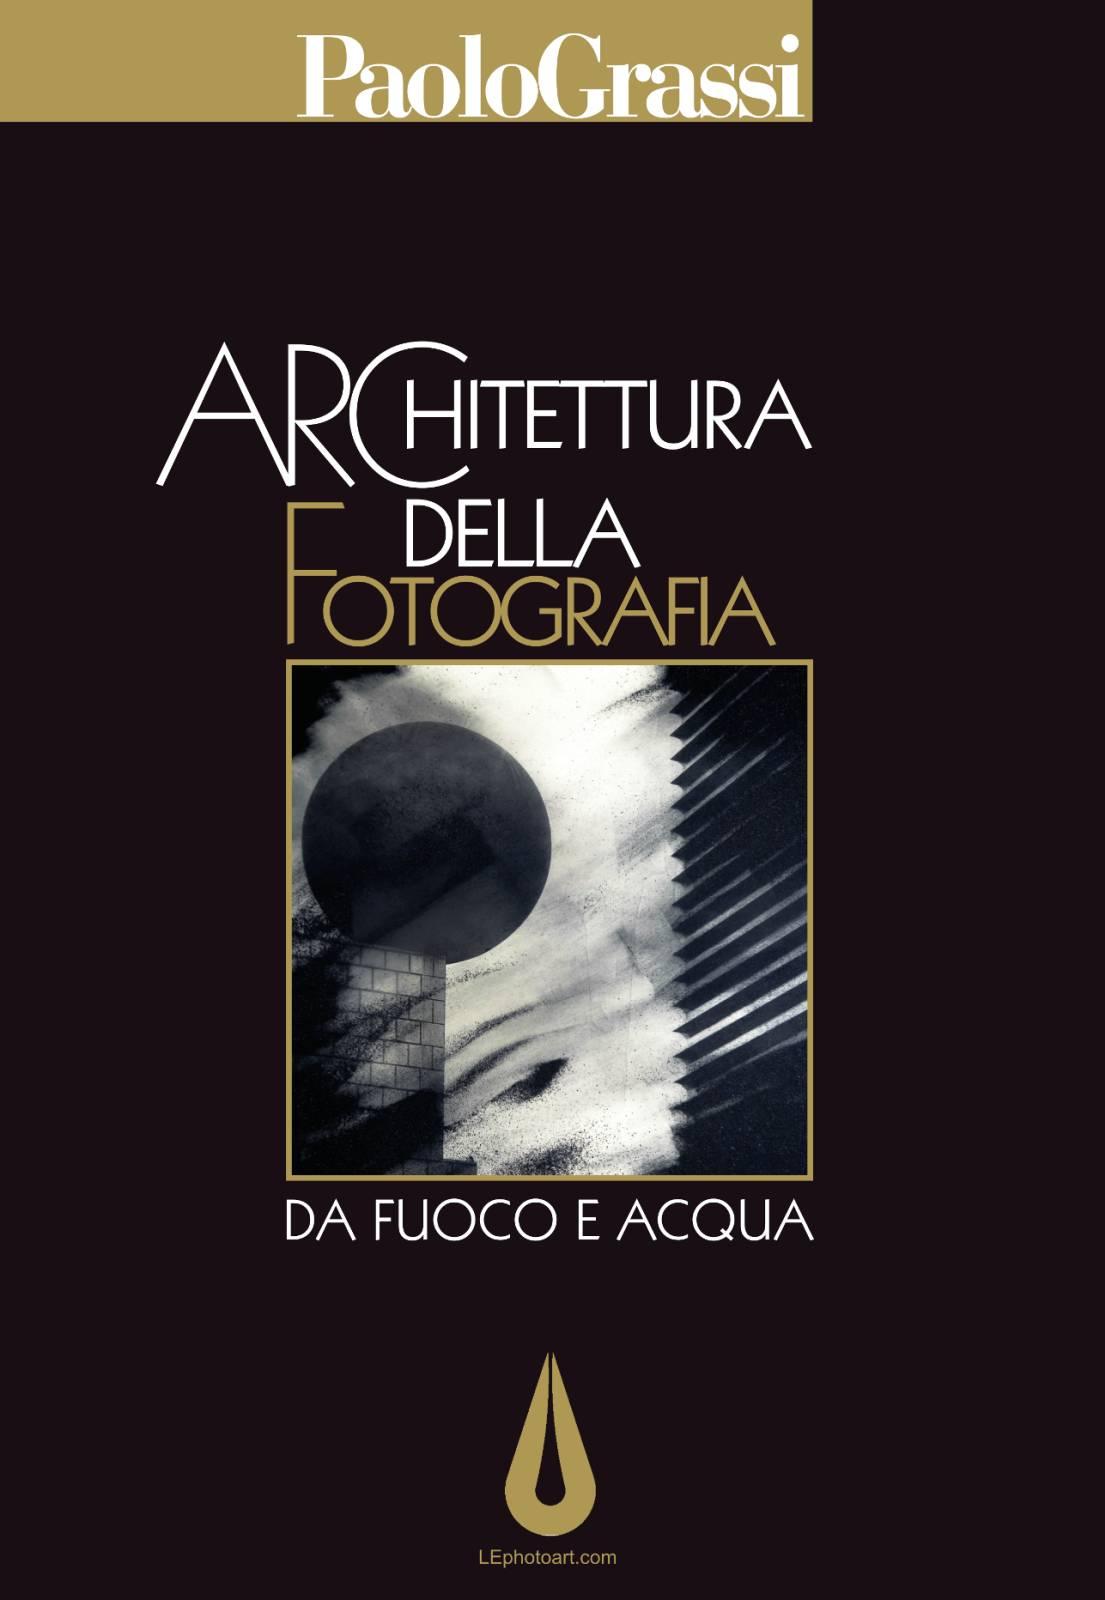 Libro fotografico Architettura della Fotografia. Paolo Grassi